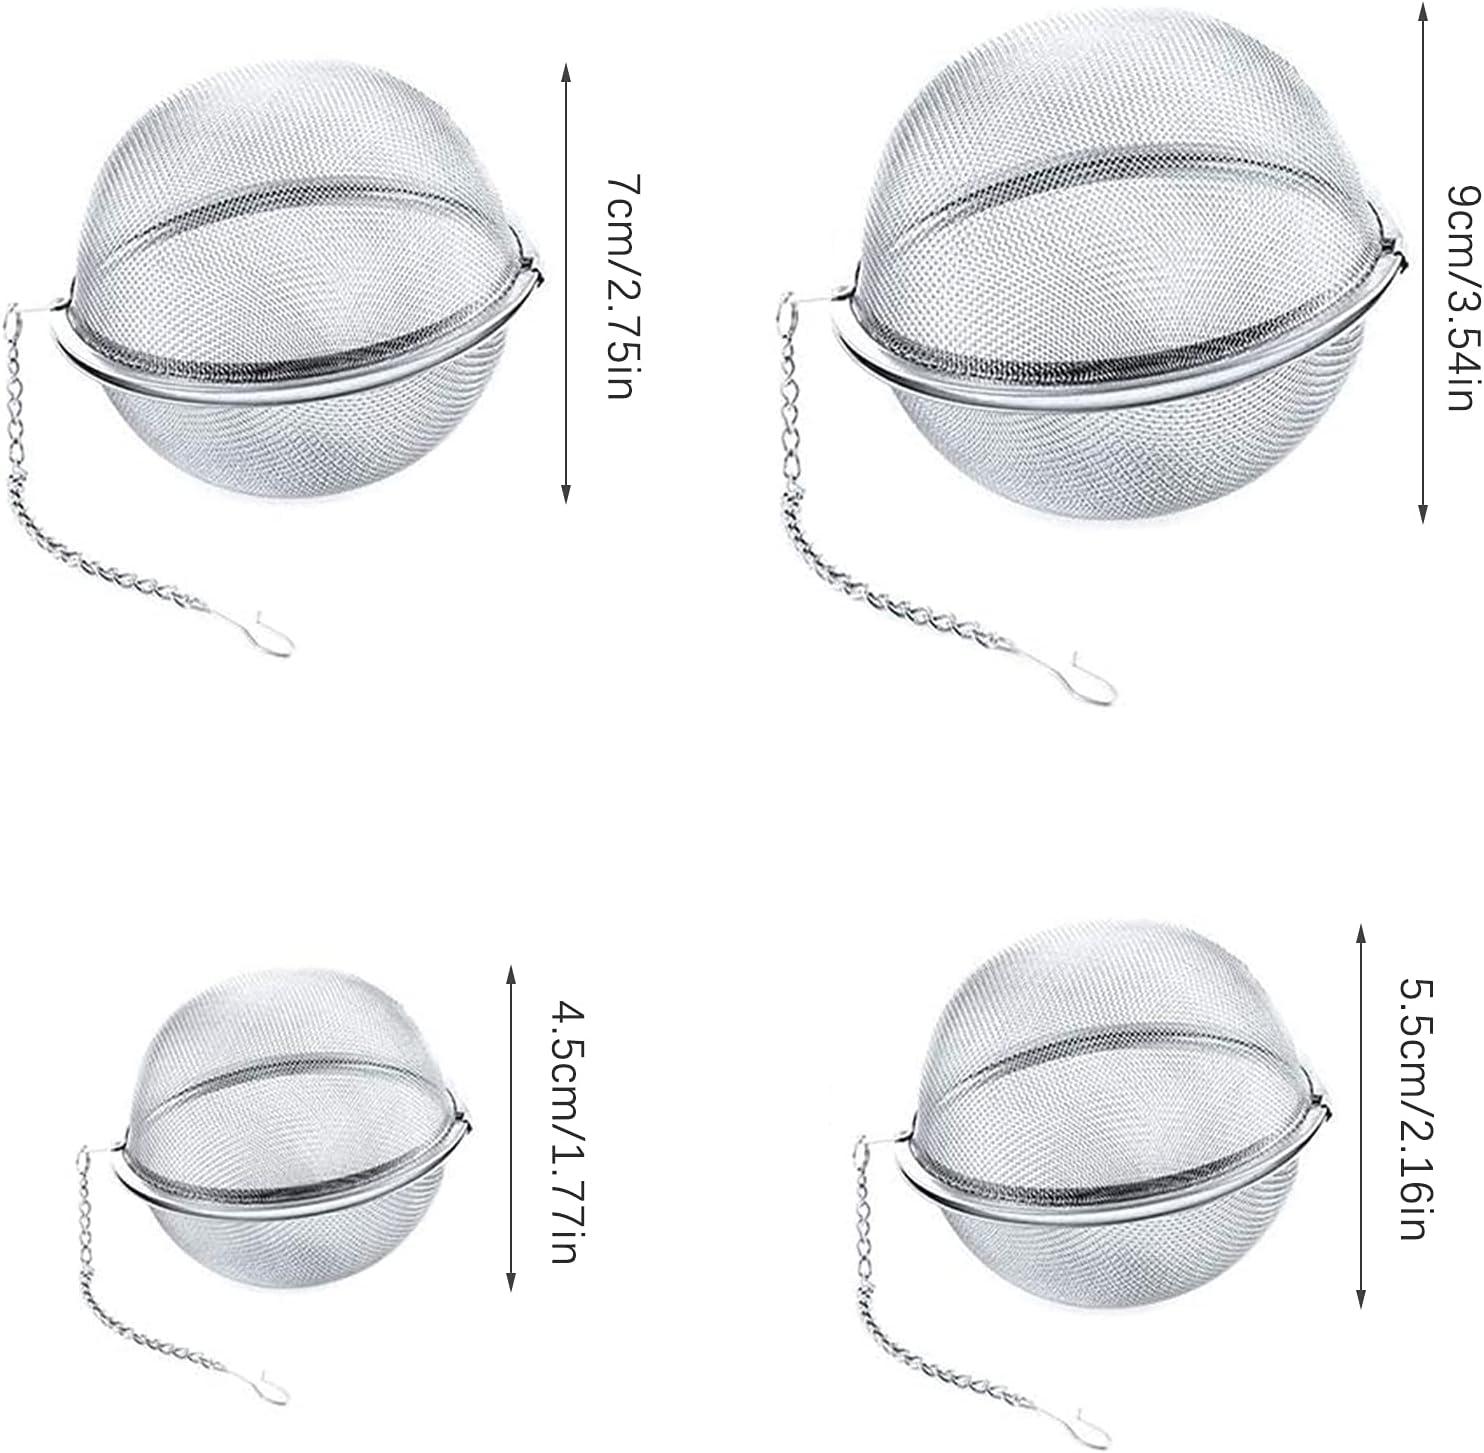 Keleily Colador de T/é,4 Piezas Infusor de T/é Acero Inoxidable de t/é de malla de bolas filtro de t/é de bolas de t/é con gancho de cadena extendido para t/é de hojas sueltas y especias y condimentos